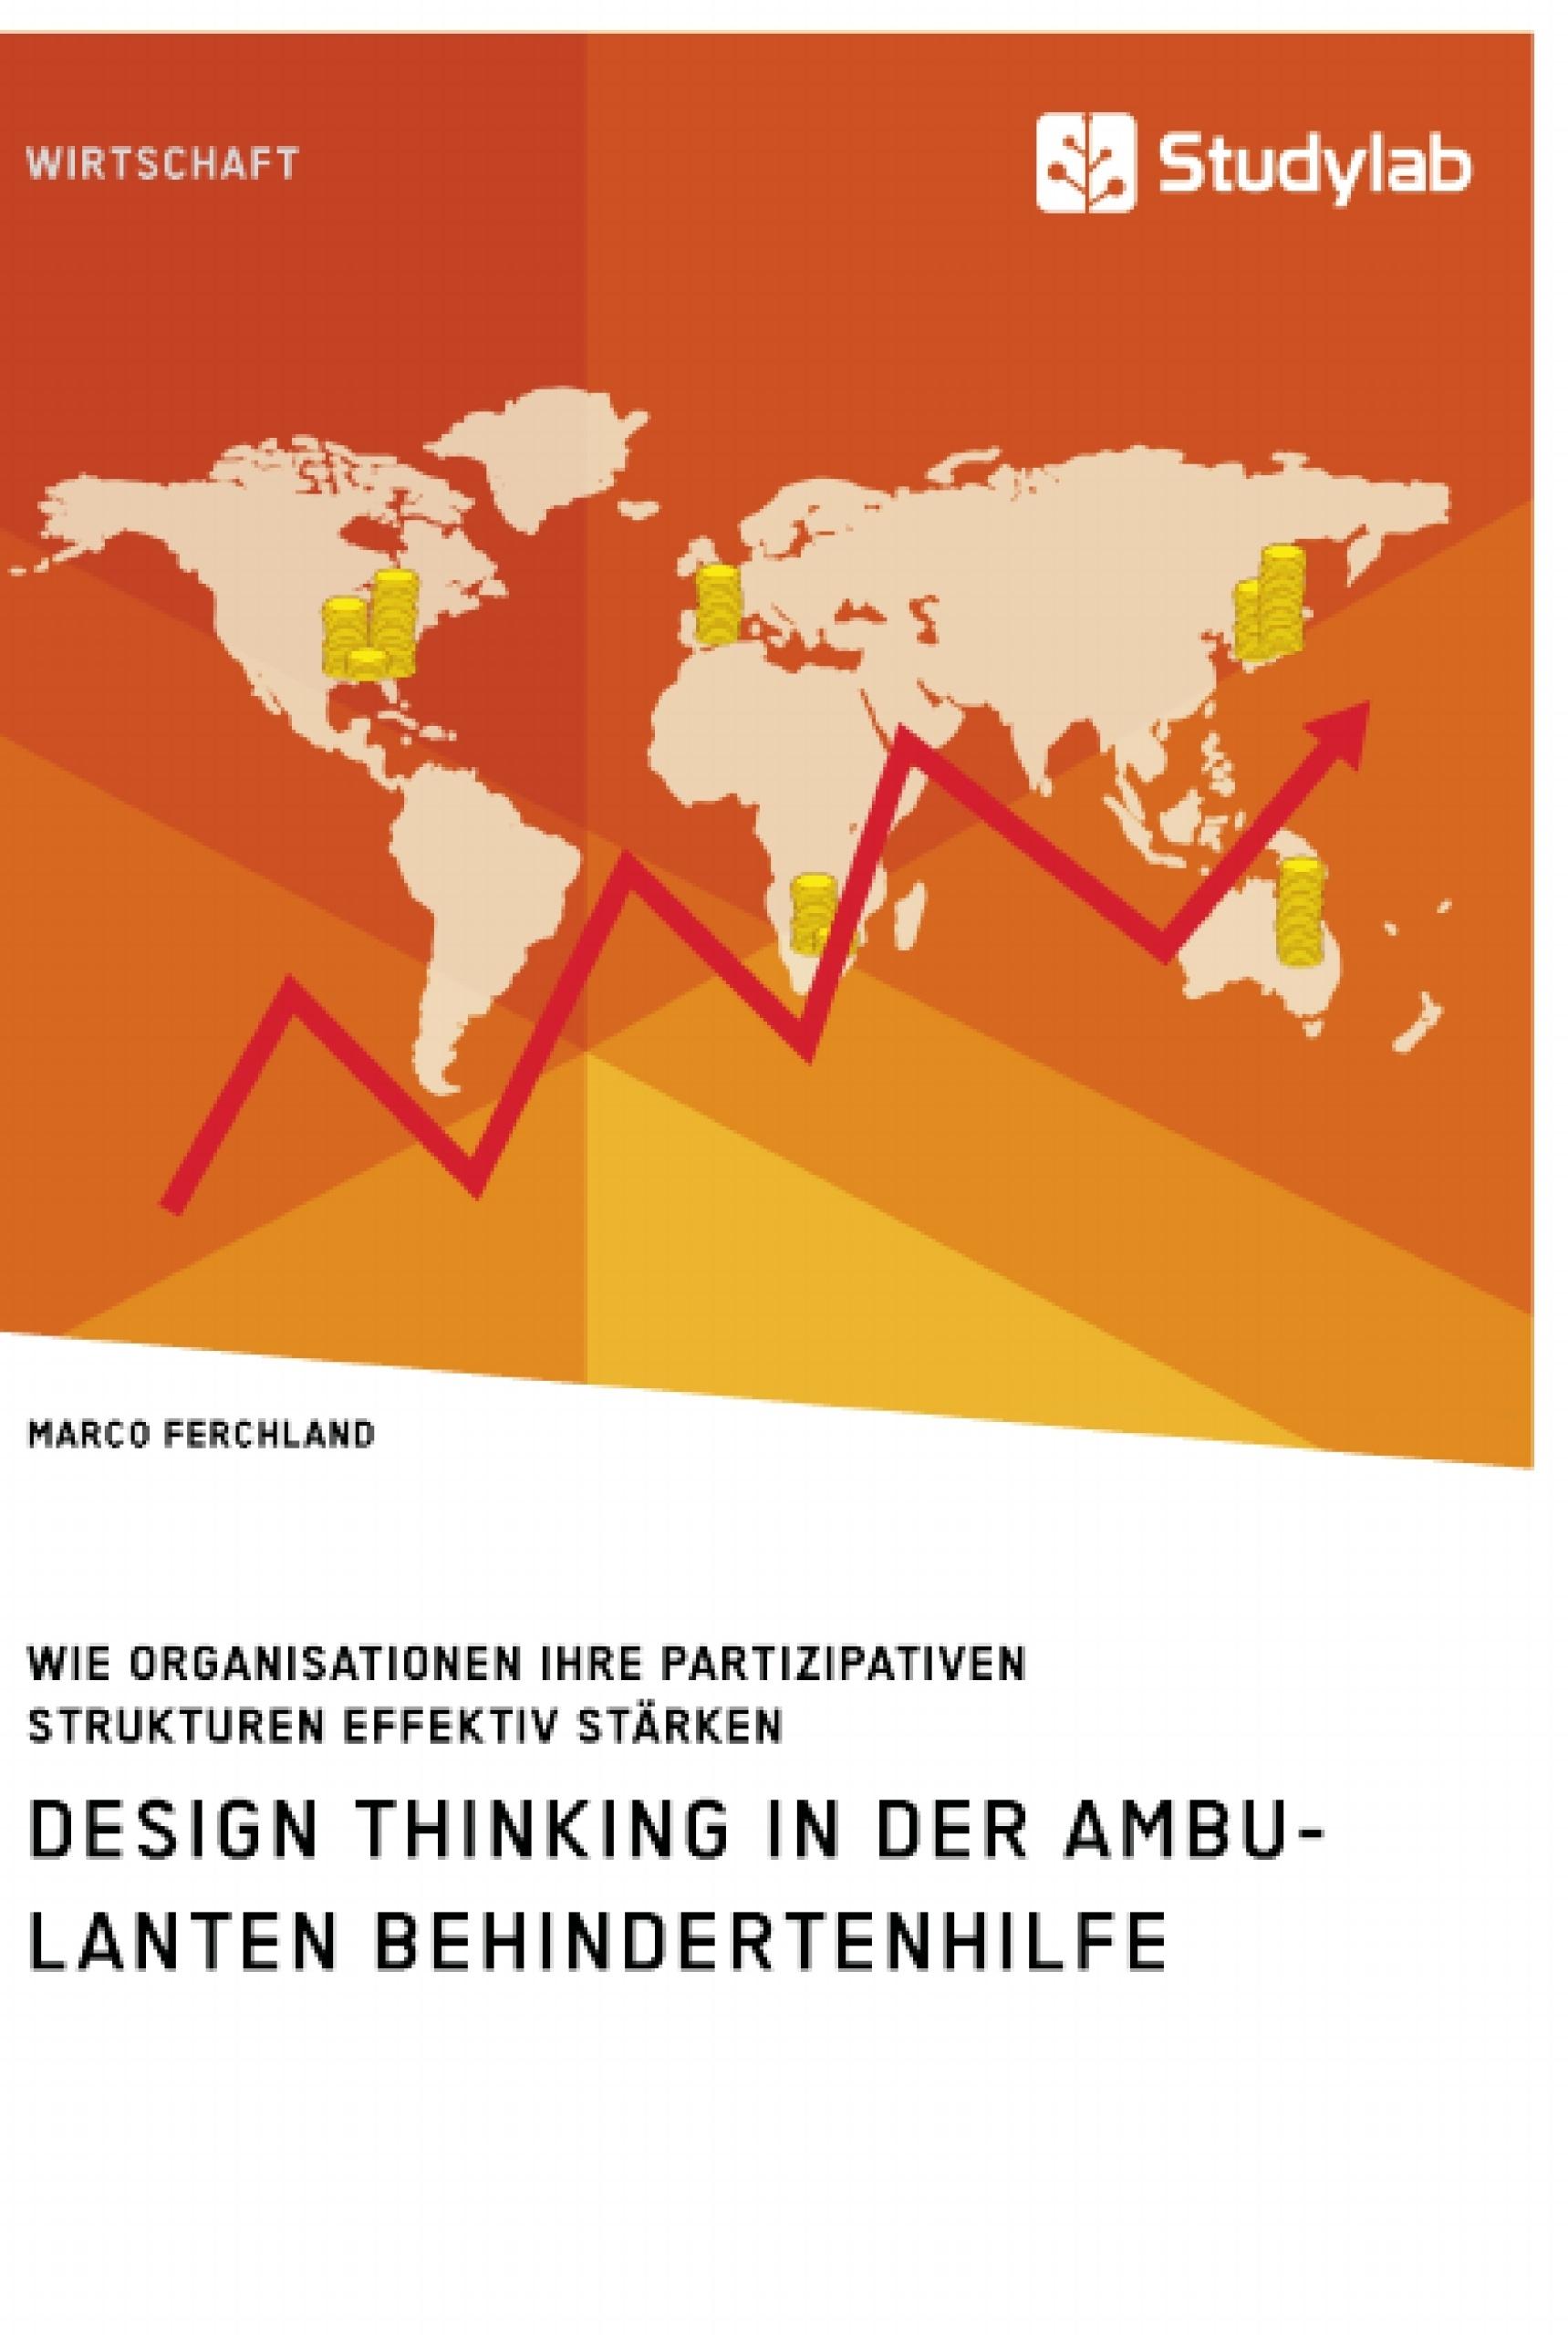 Titel: Design Thinking in der ambulanten Behindertenhilfe. Wie Organisationen ihre partizipativen Strukturen effektiv stärken